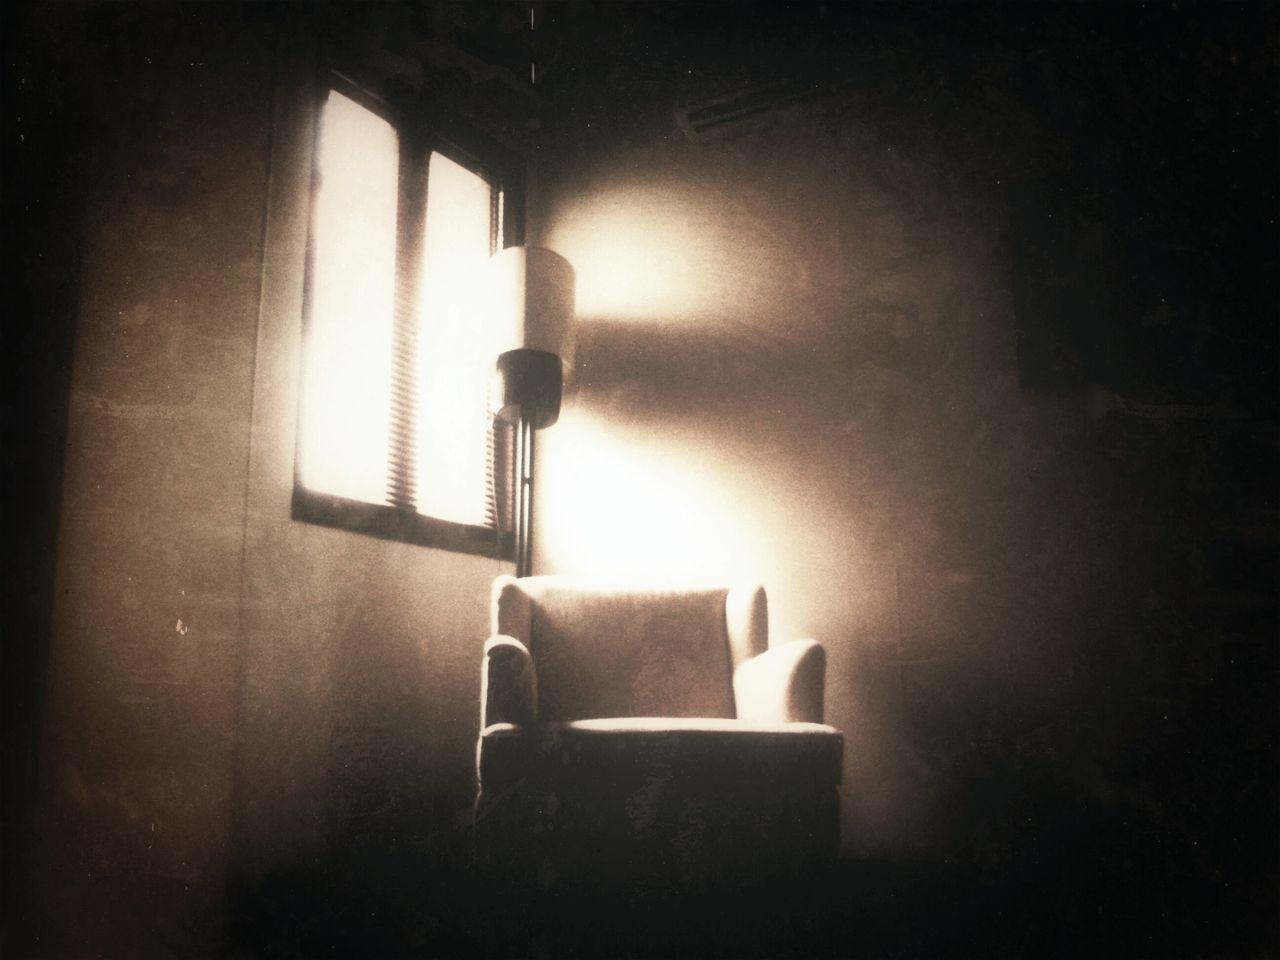 Darkscene Empty Fotodroids emptiness